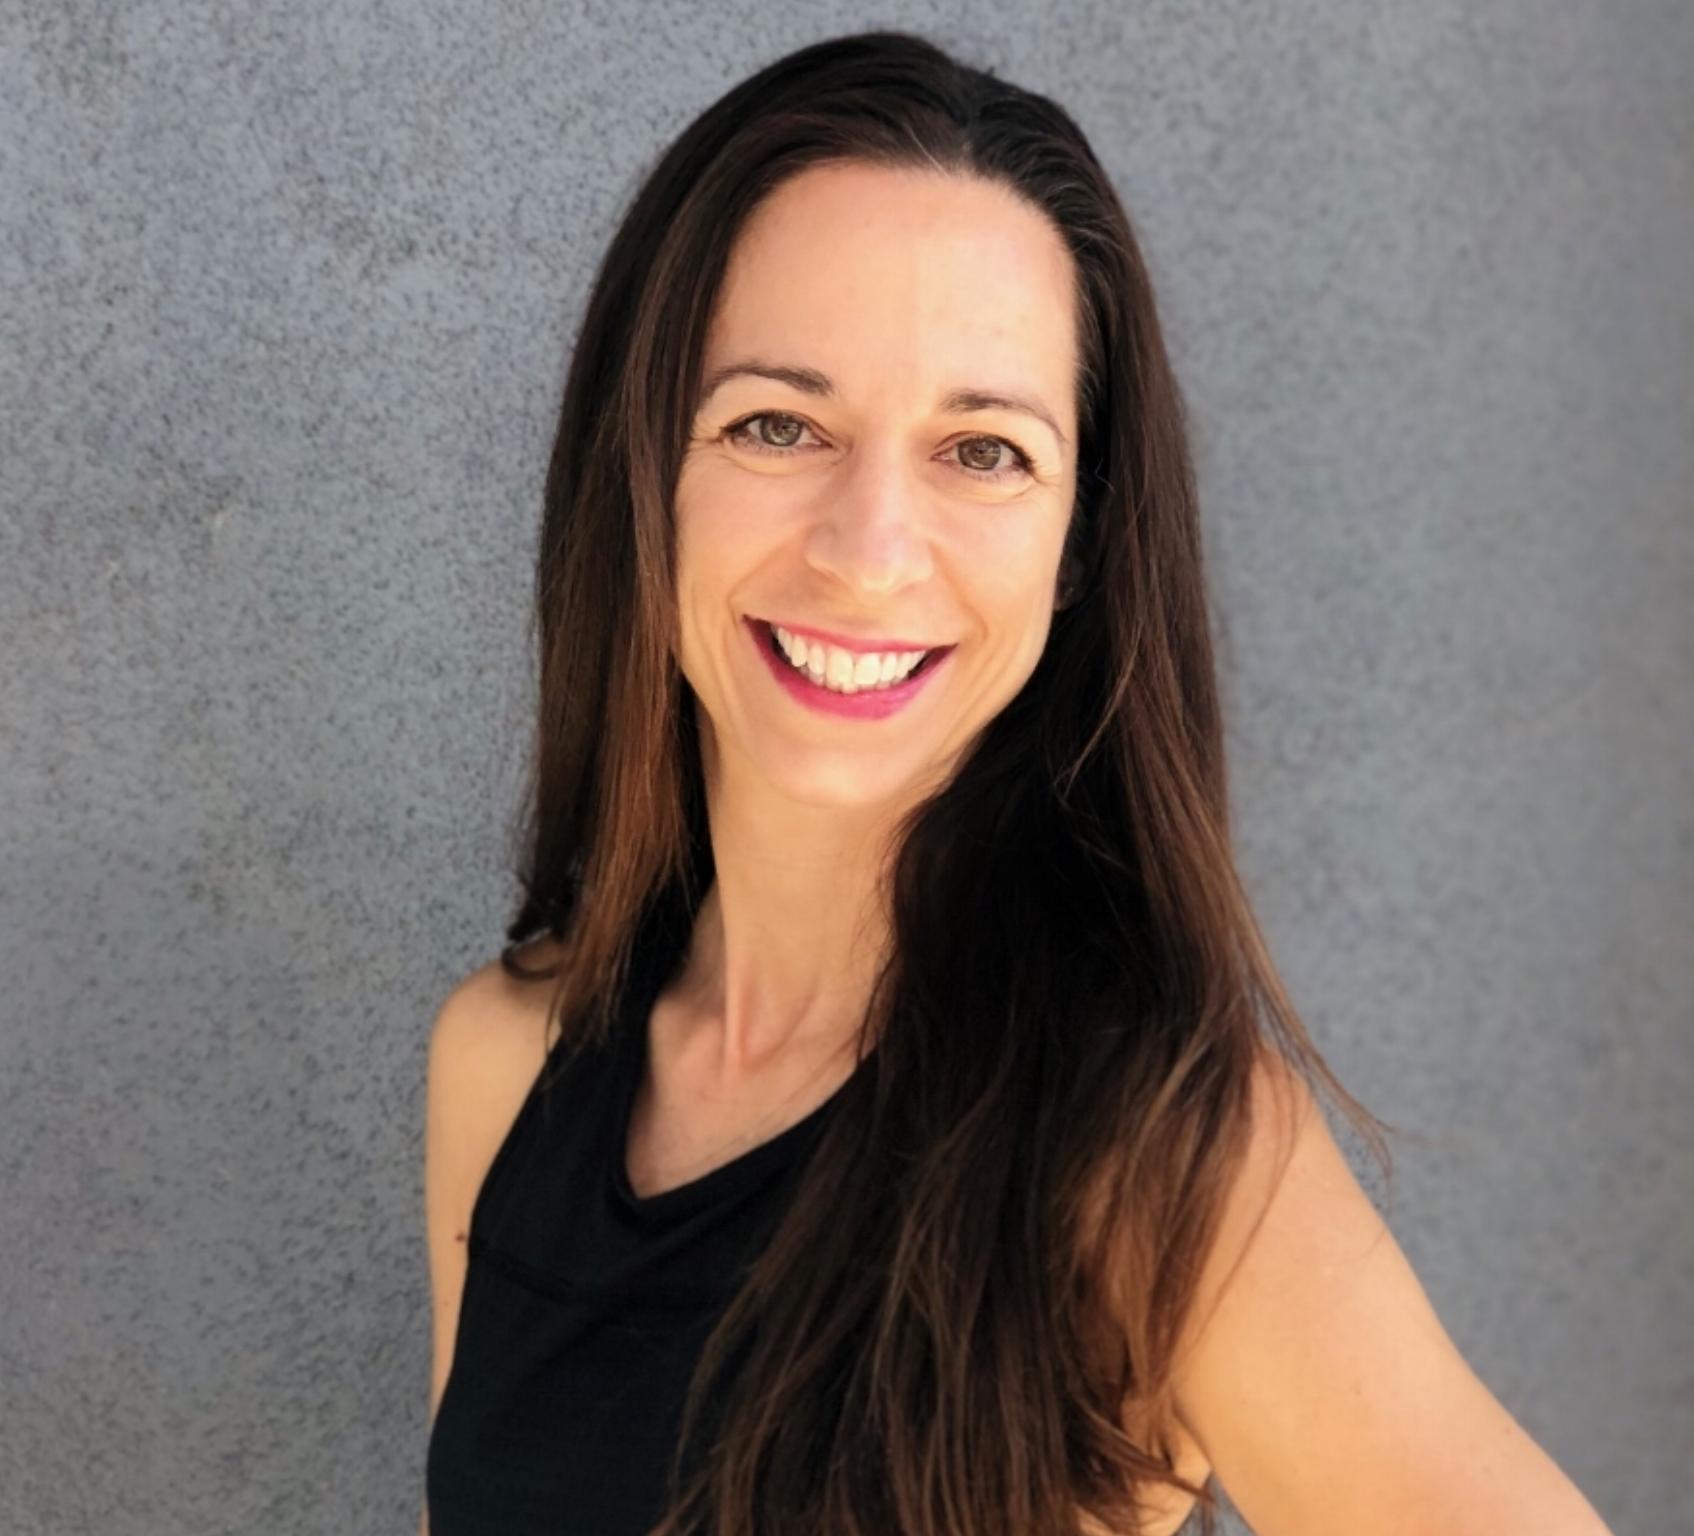 Lori Yearwood